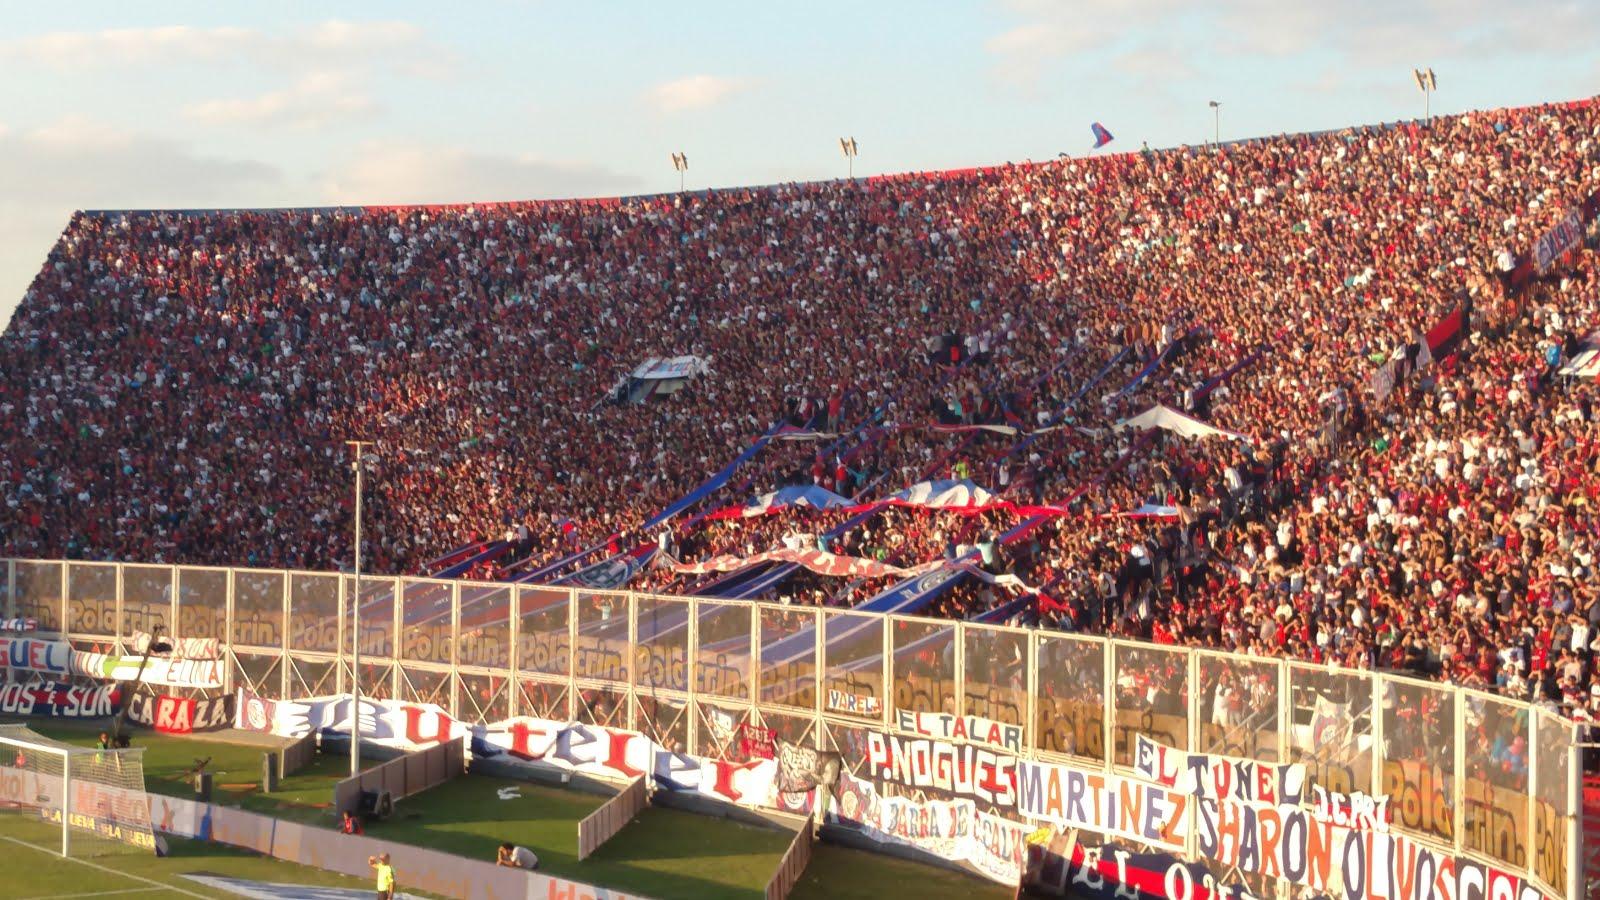 Αποτέλεσμα εικόνας για san lorenzo fans